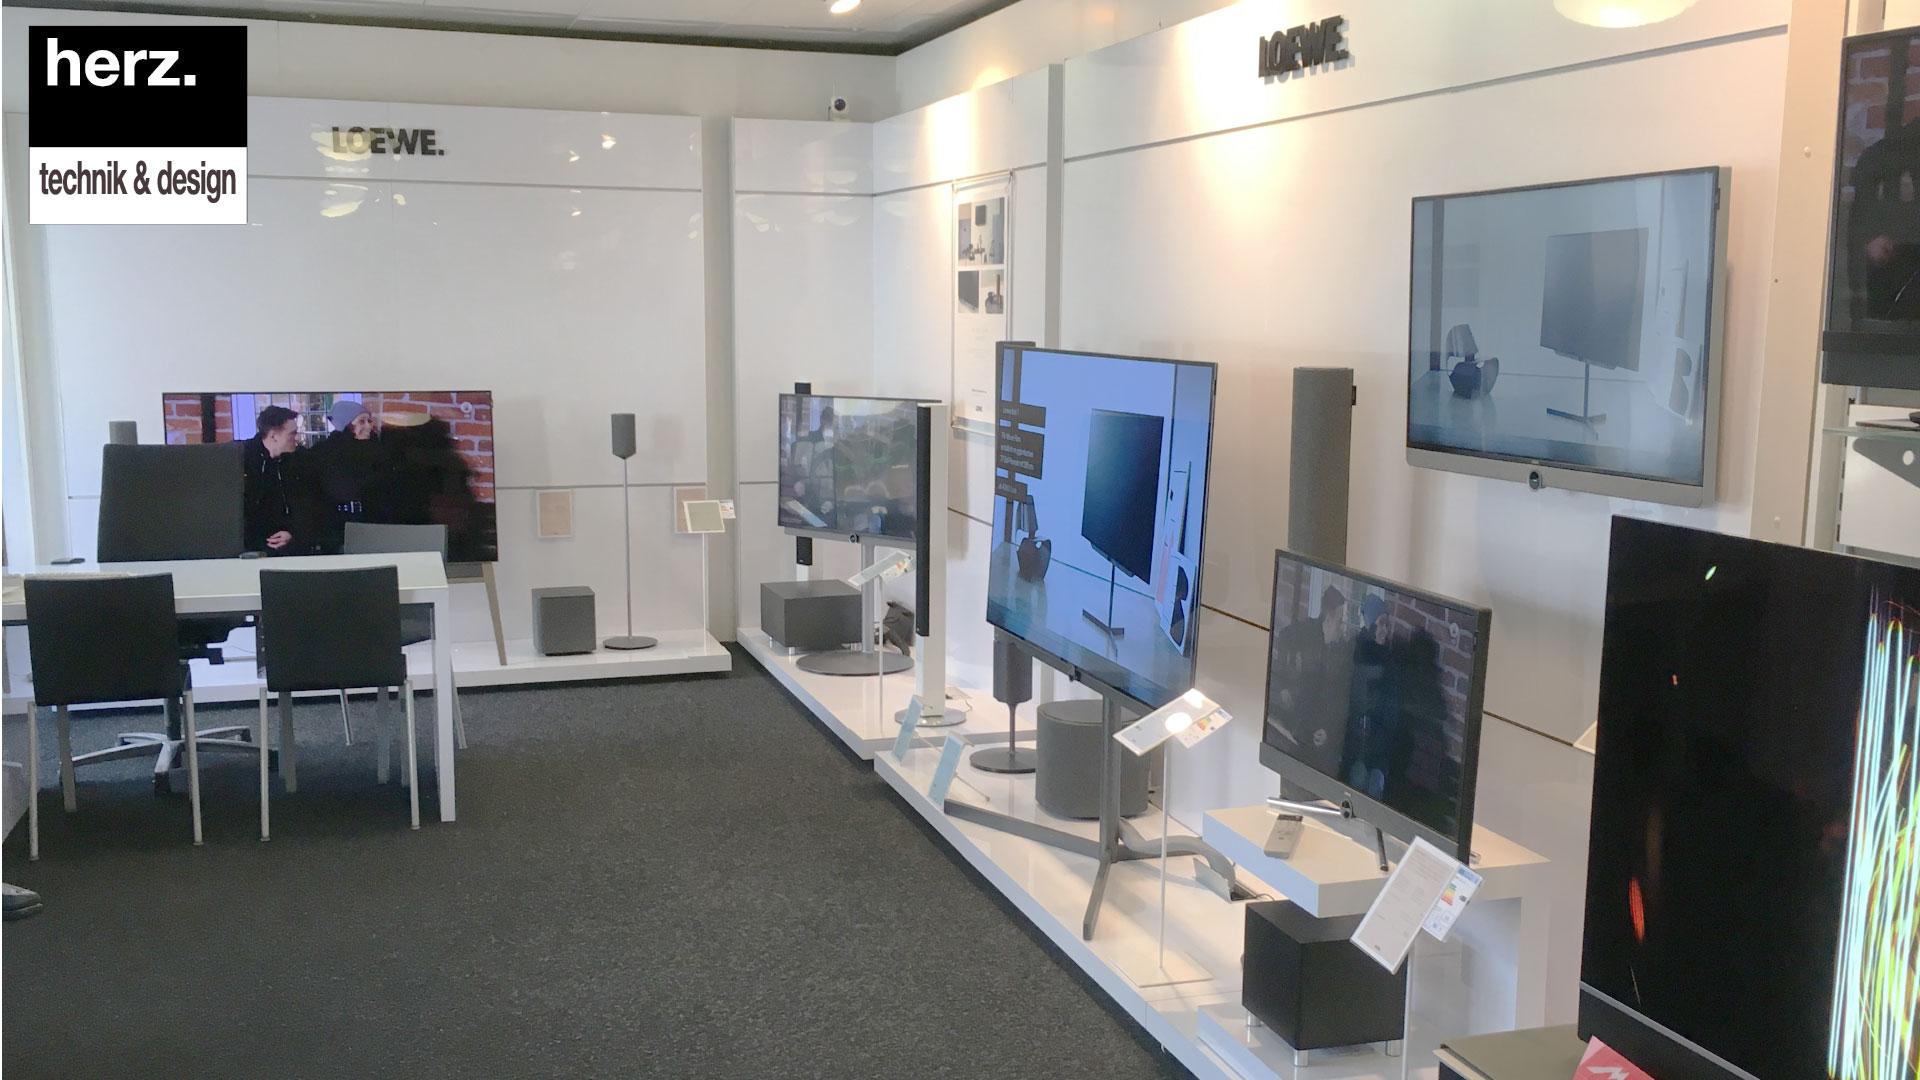 Herz Technik & Design